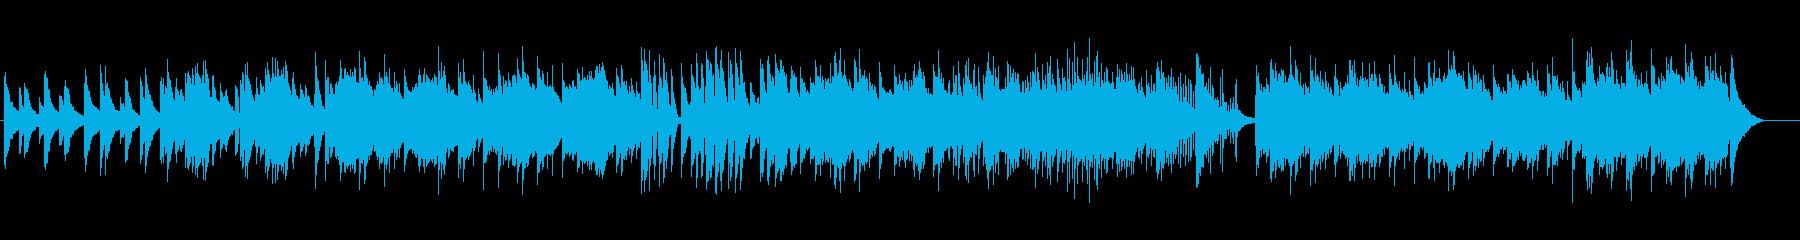 爽やかで軽やかなピアノ曲の再生済みの波形